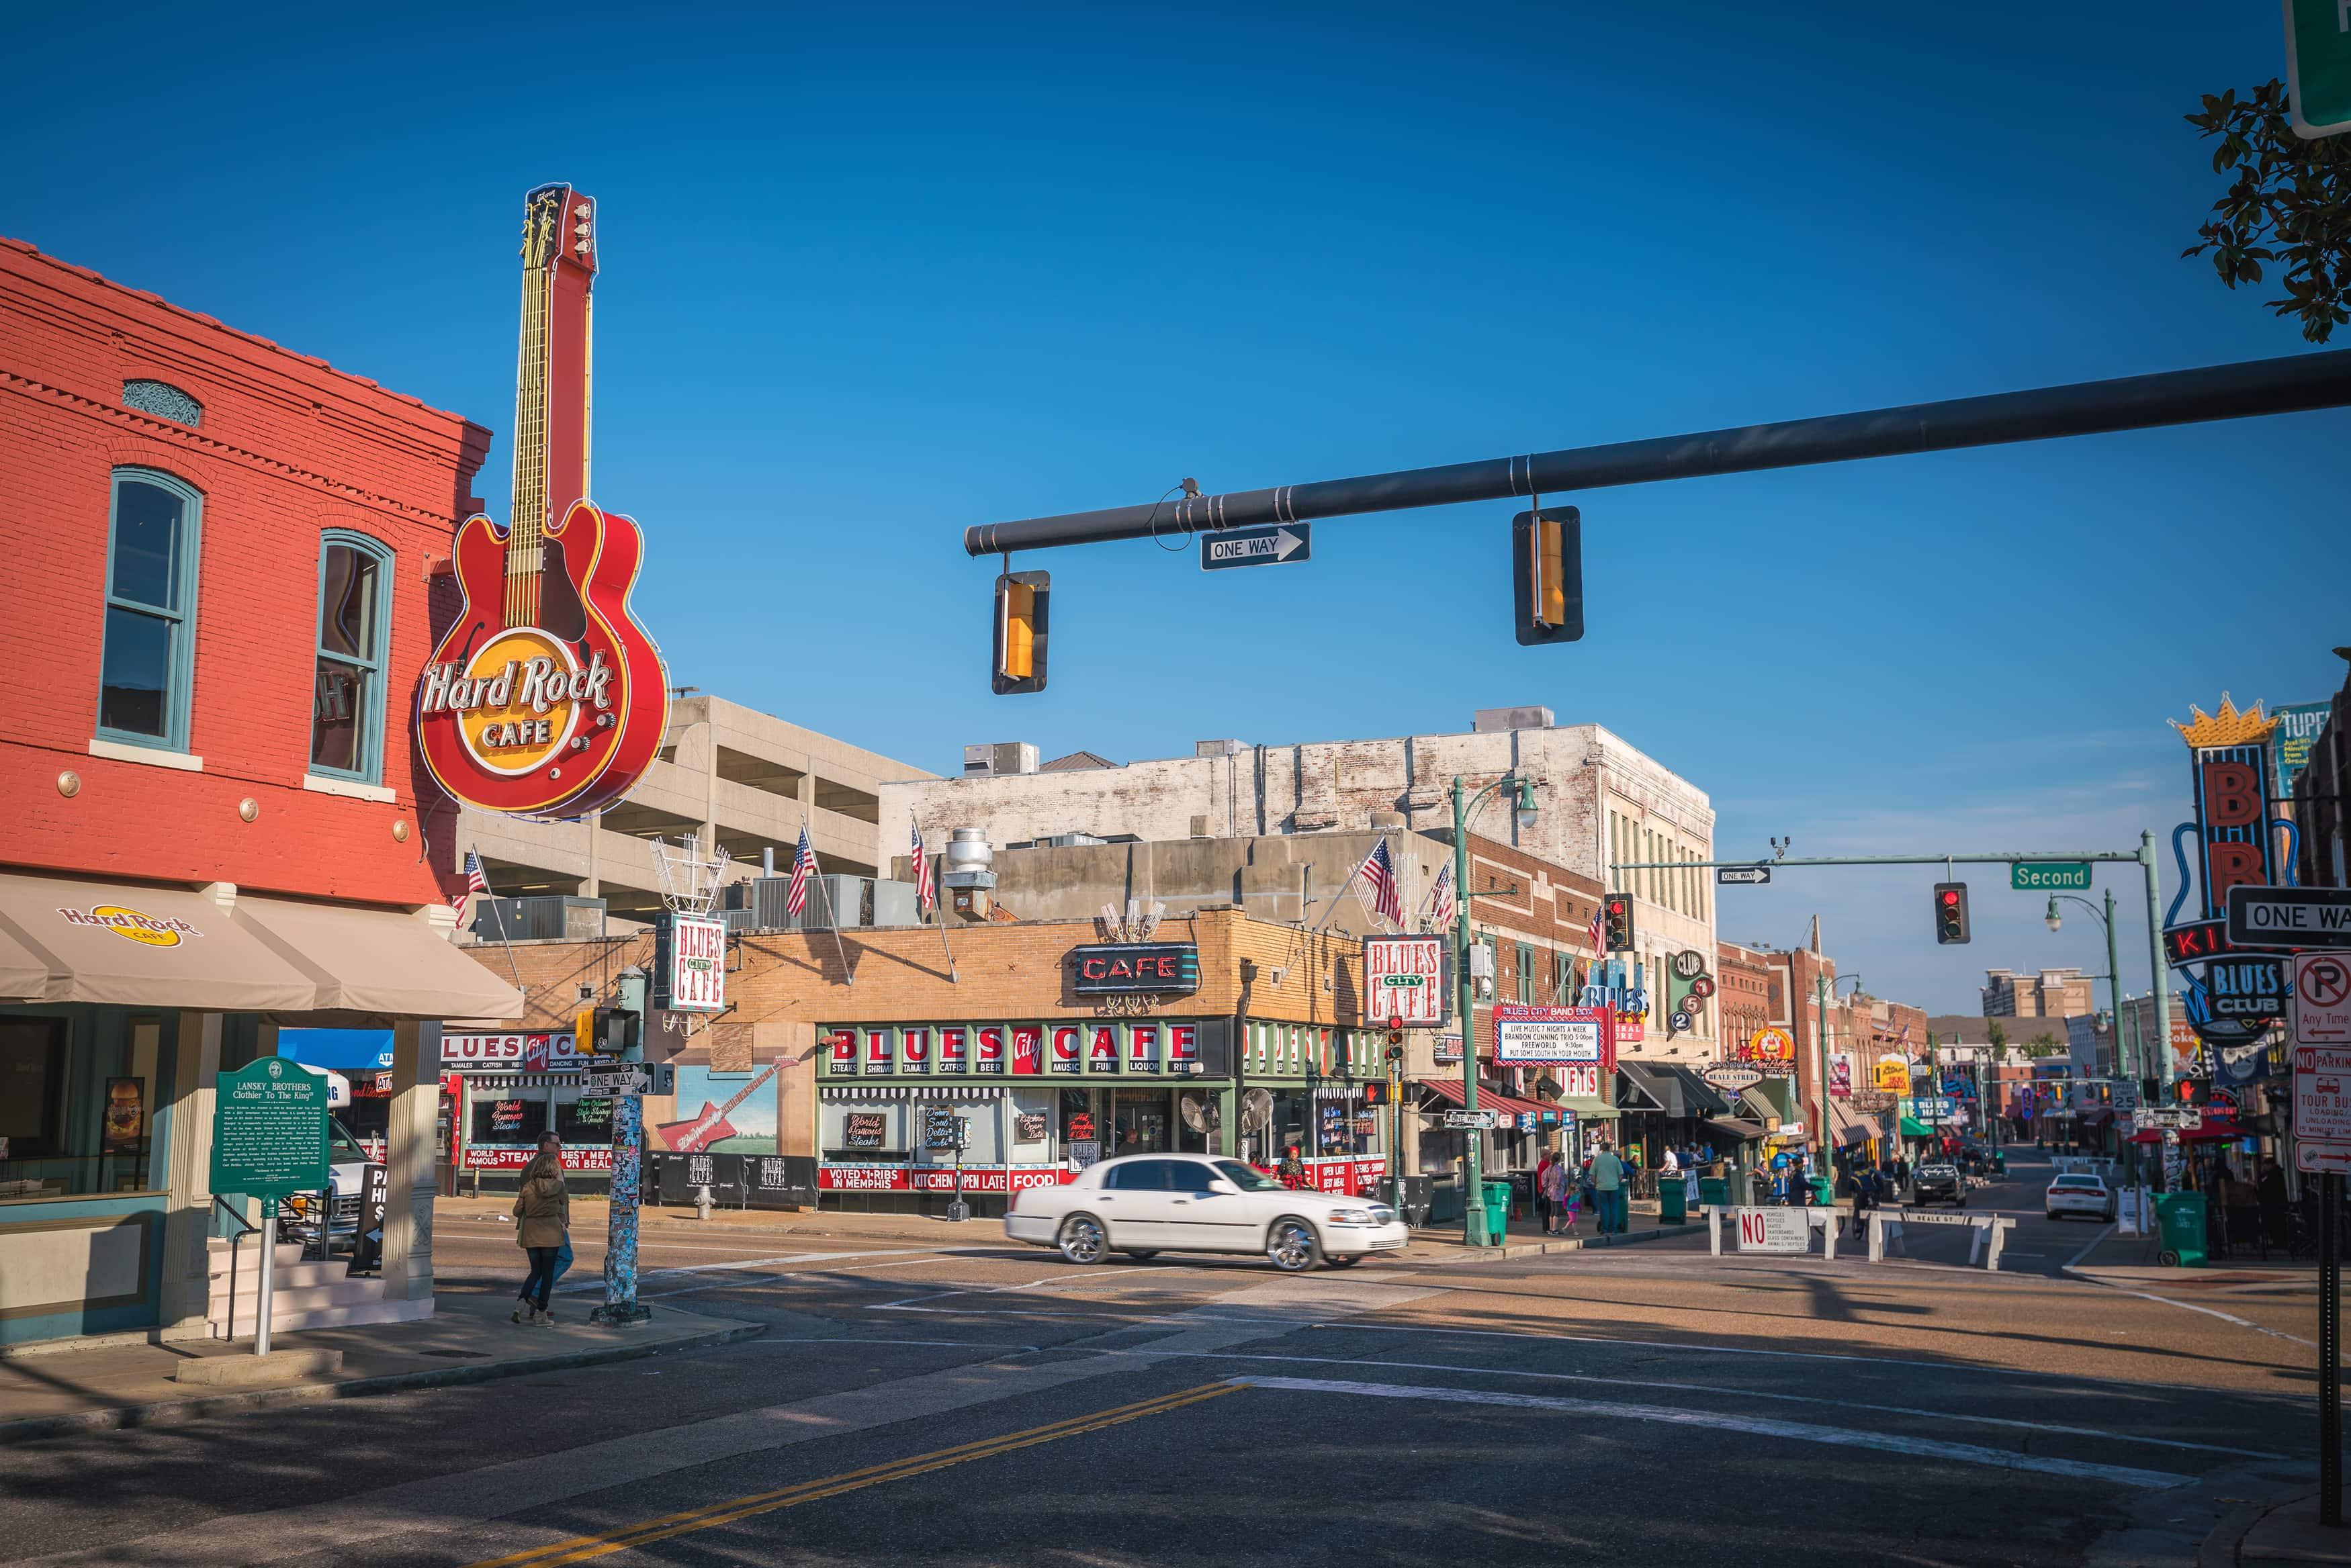 Die Beale Street in Memphis tagsüber